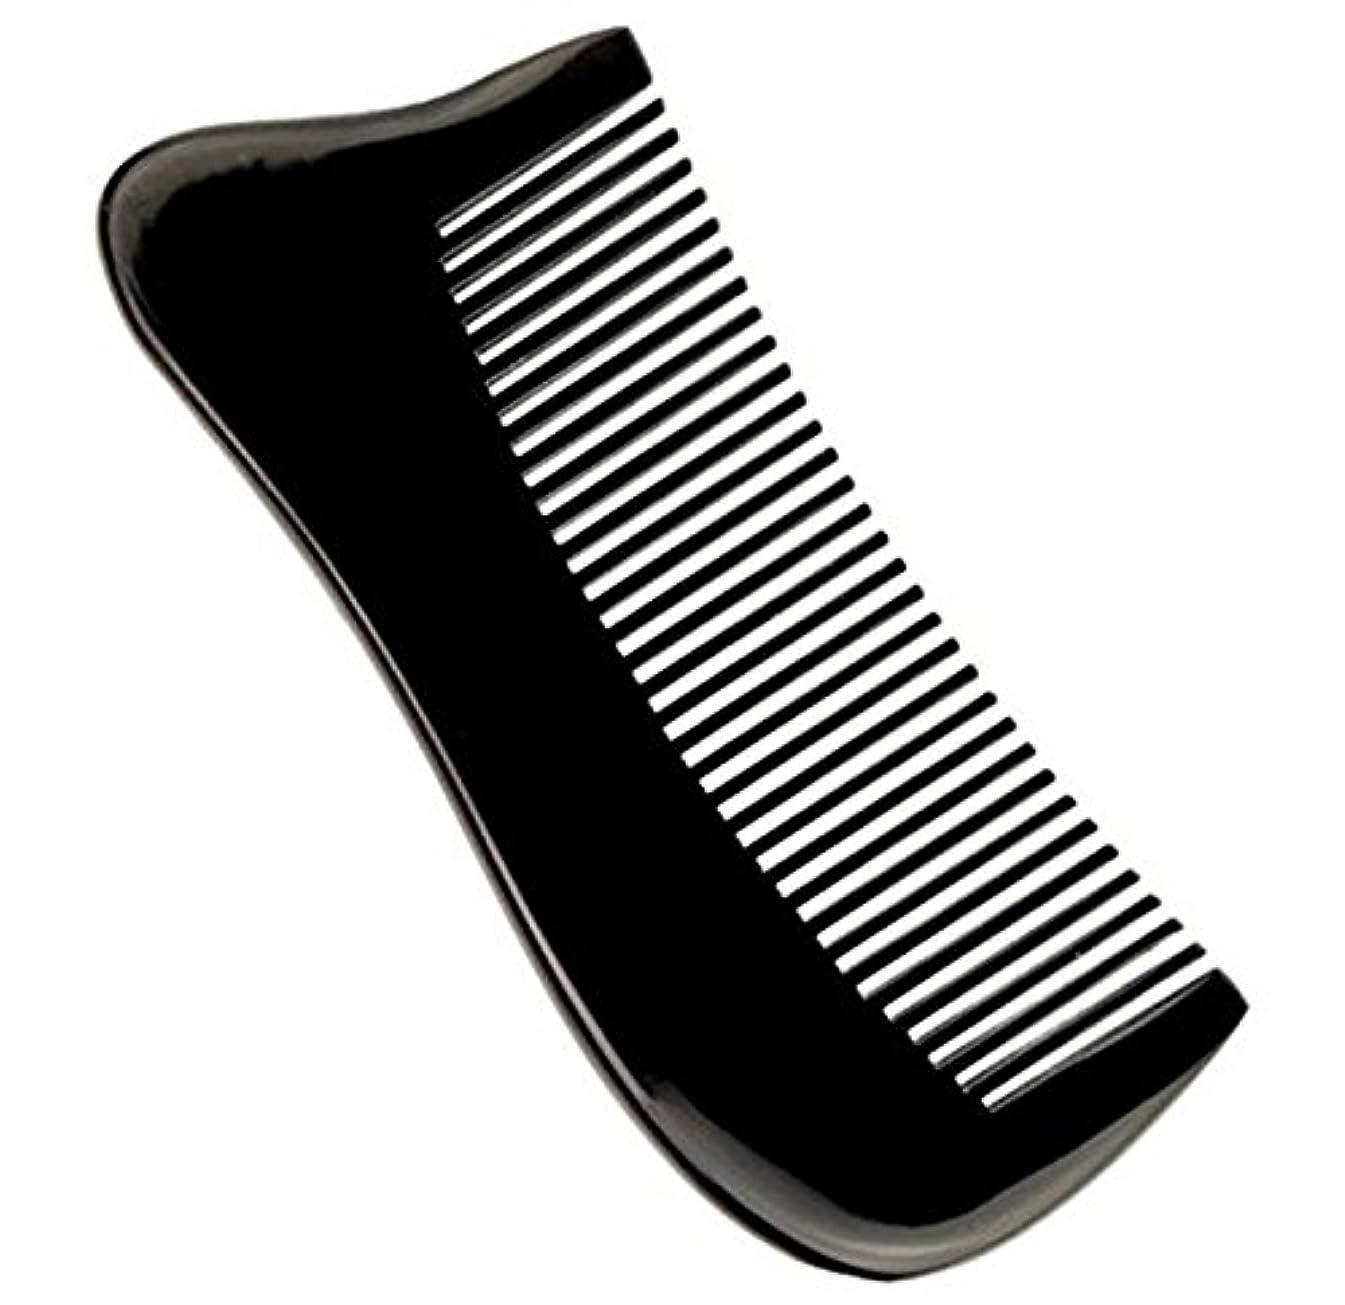 接ぎ木破壊的な思慮のない櫛型 プロも使う牛角かっさプレート マサージ用 血行改善 高級 天然 静電気防止 美髪 美顔 ボディ リンパマッサージ